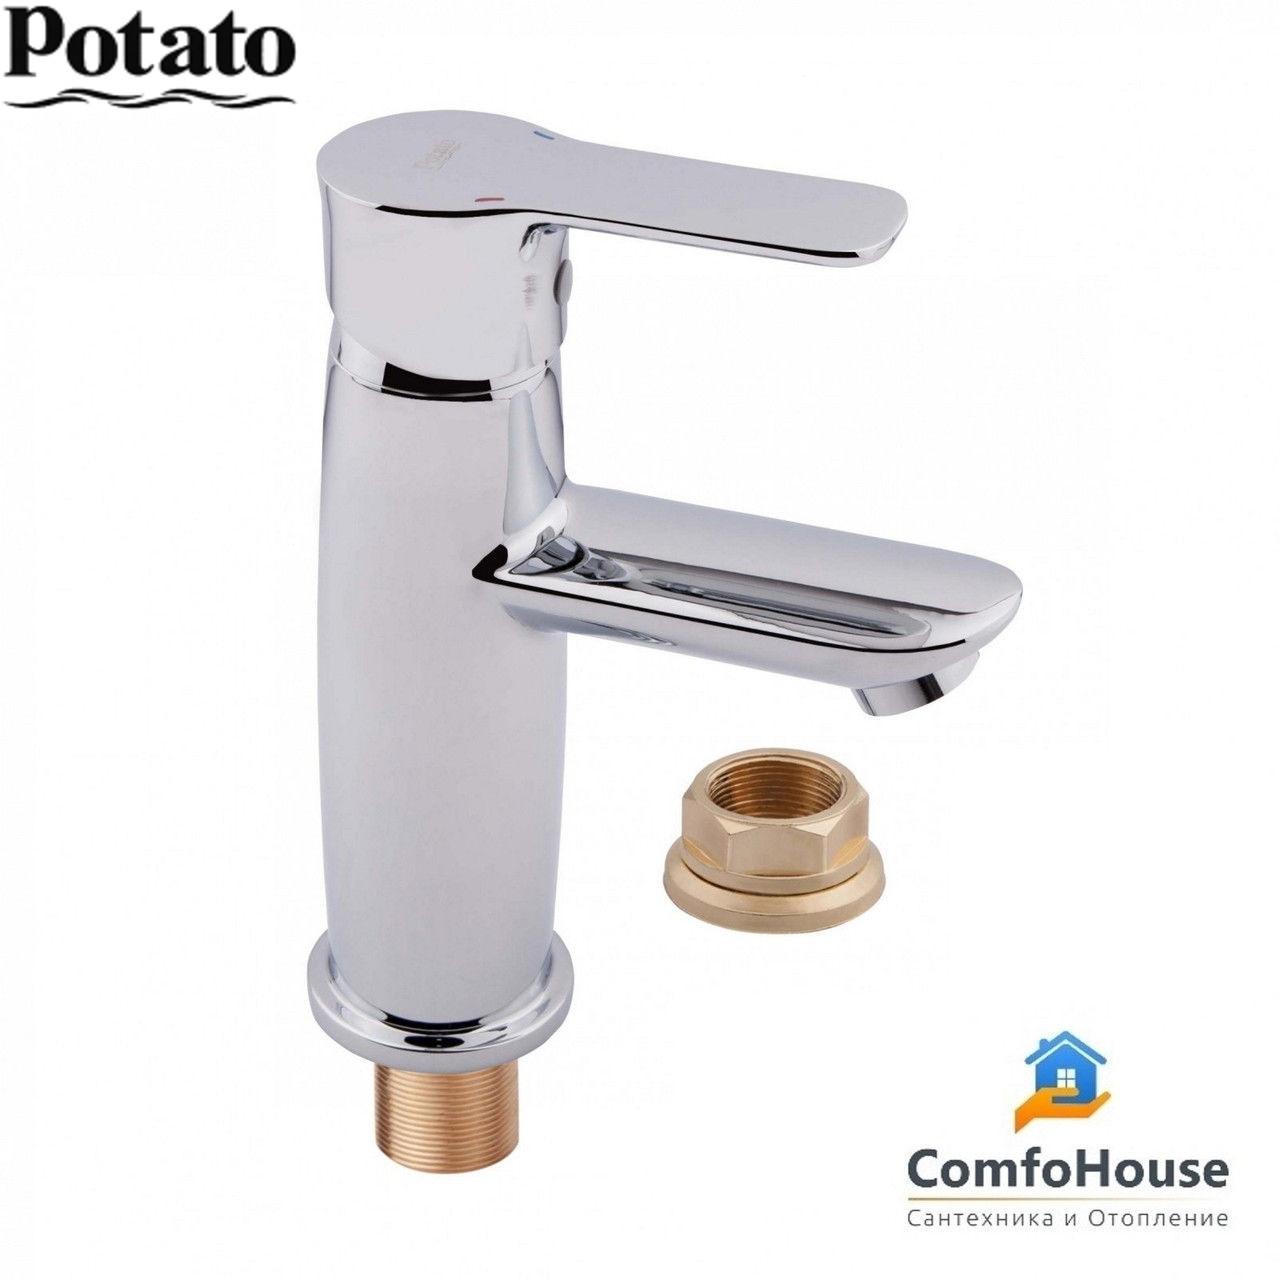 Смеситель для умывальника Potato P1033 (на гайке, картридж 35)